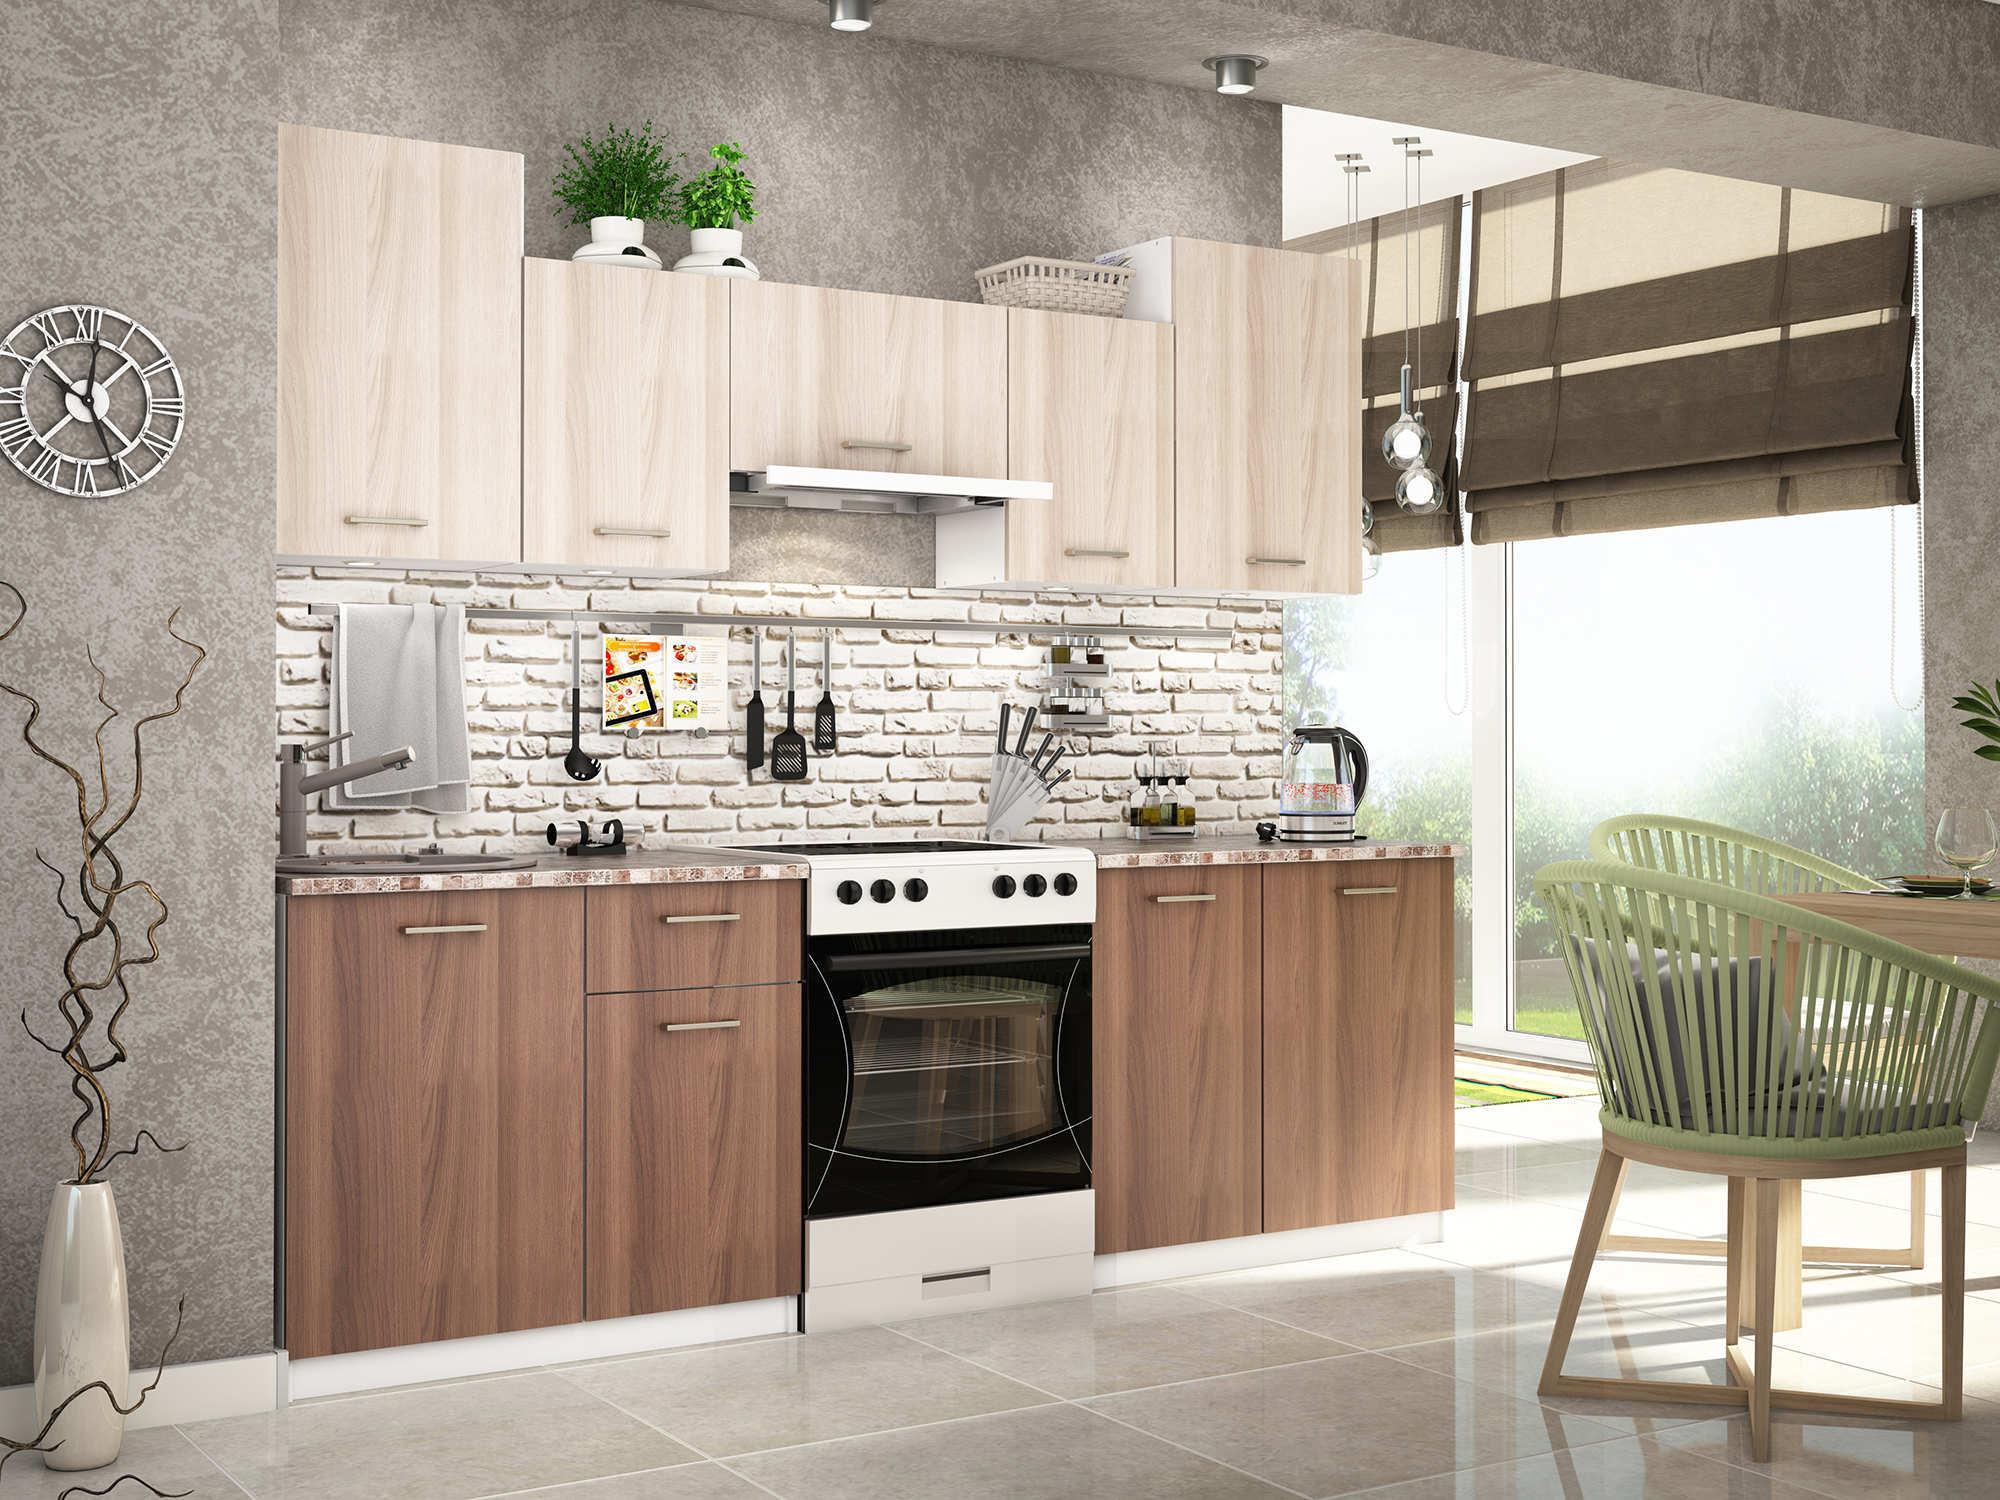 Кухни эконом-класса - особенности недорогой мебели рекомендации